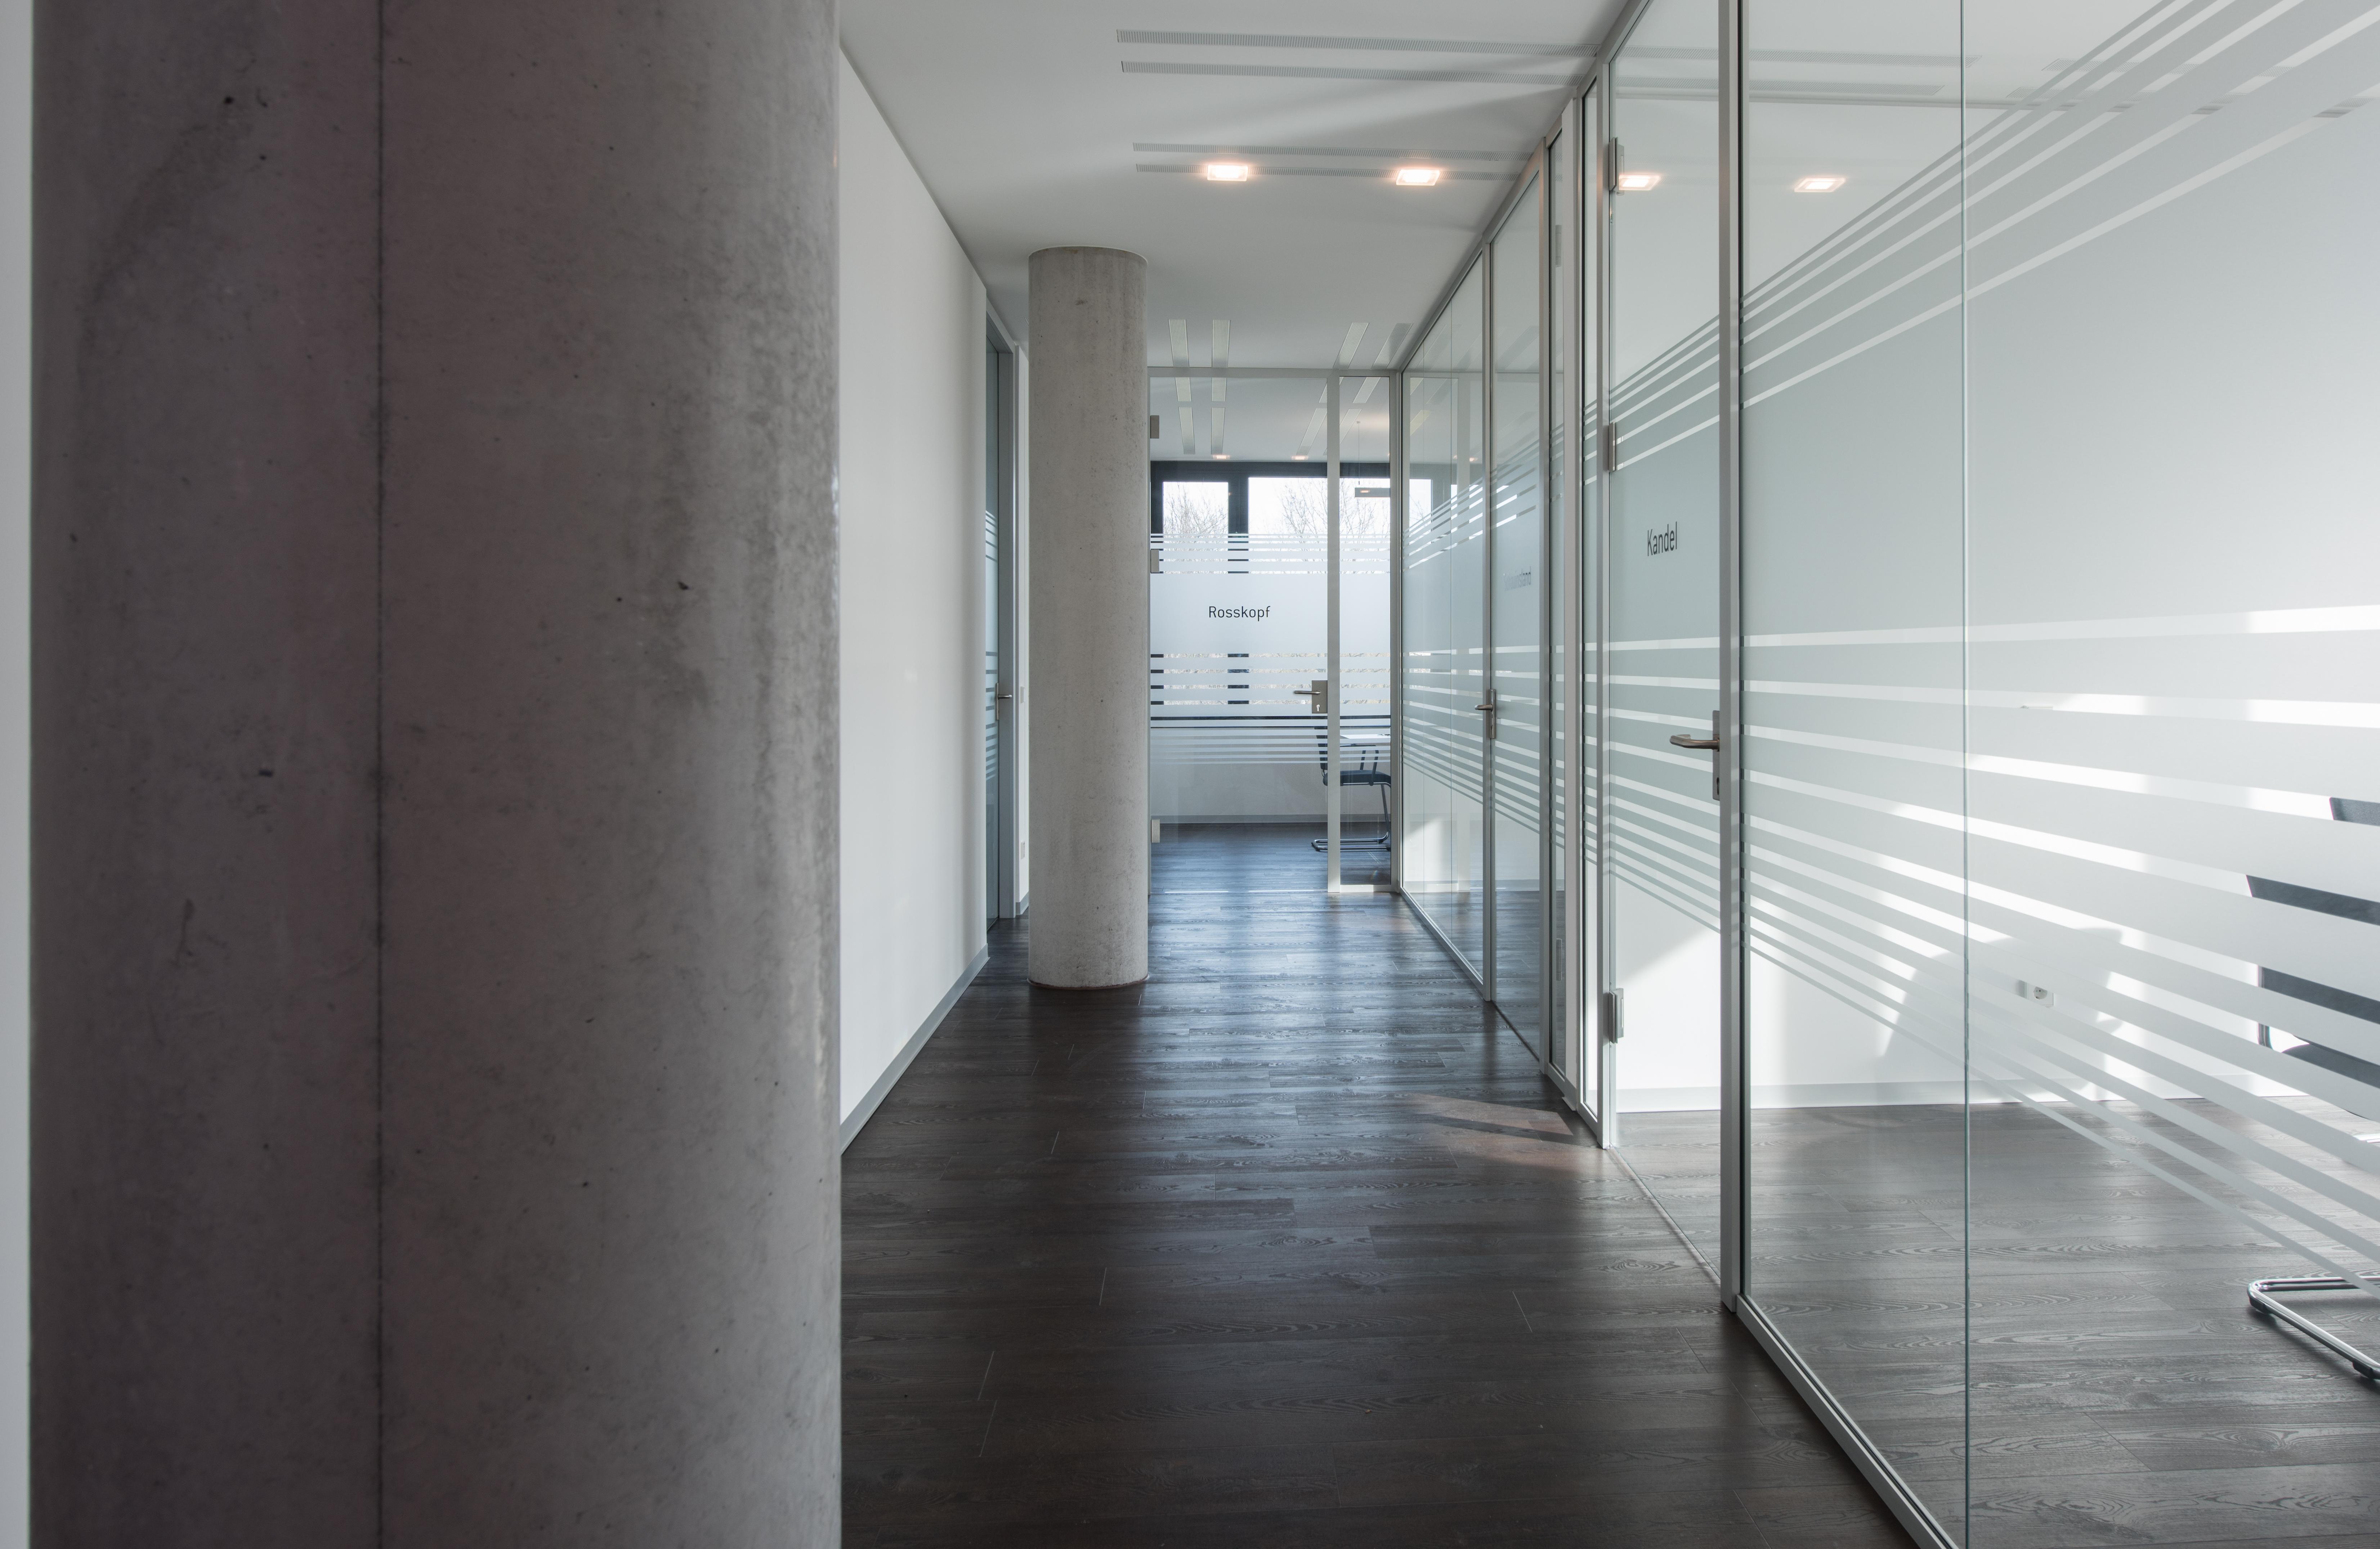 stellenangebote personalvermittlung und zeitarbeit f r freiburg in freiburg umkreis 100km seite 1. Black Bedroom Furniture Sets. Home Design Ideas